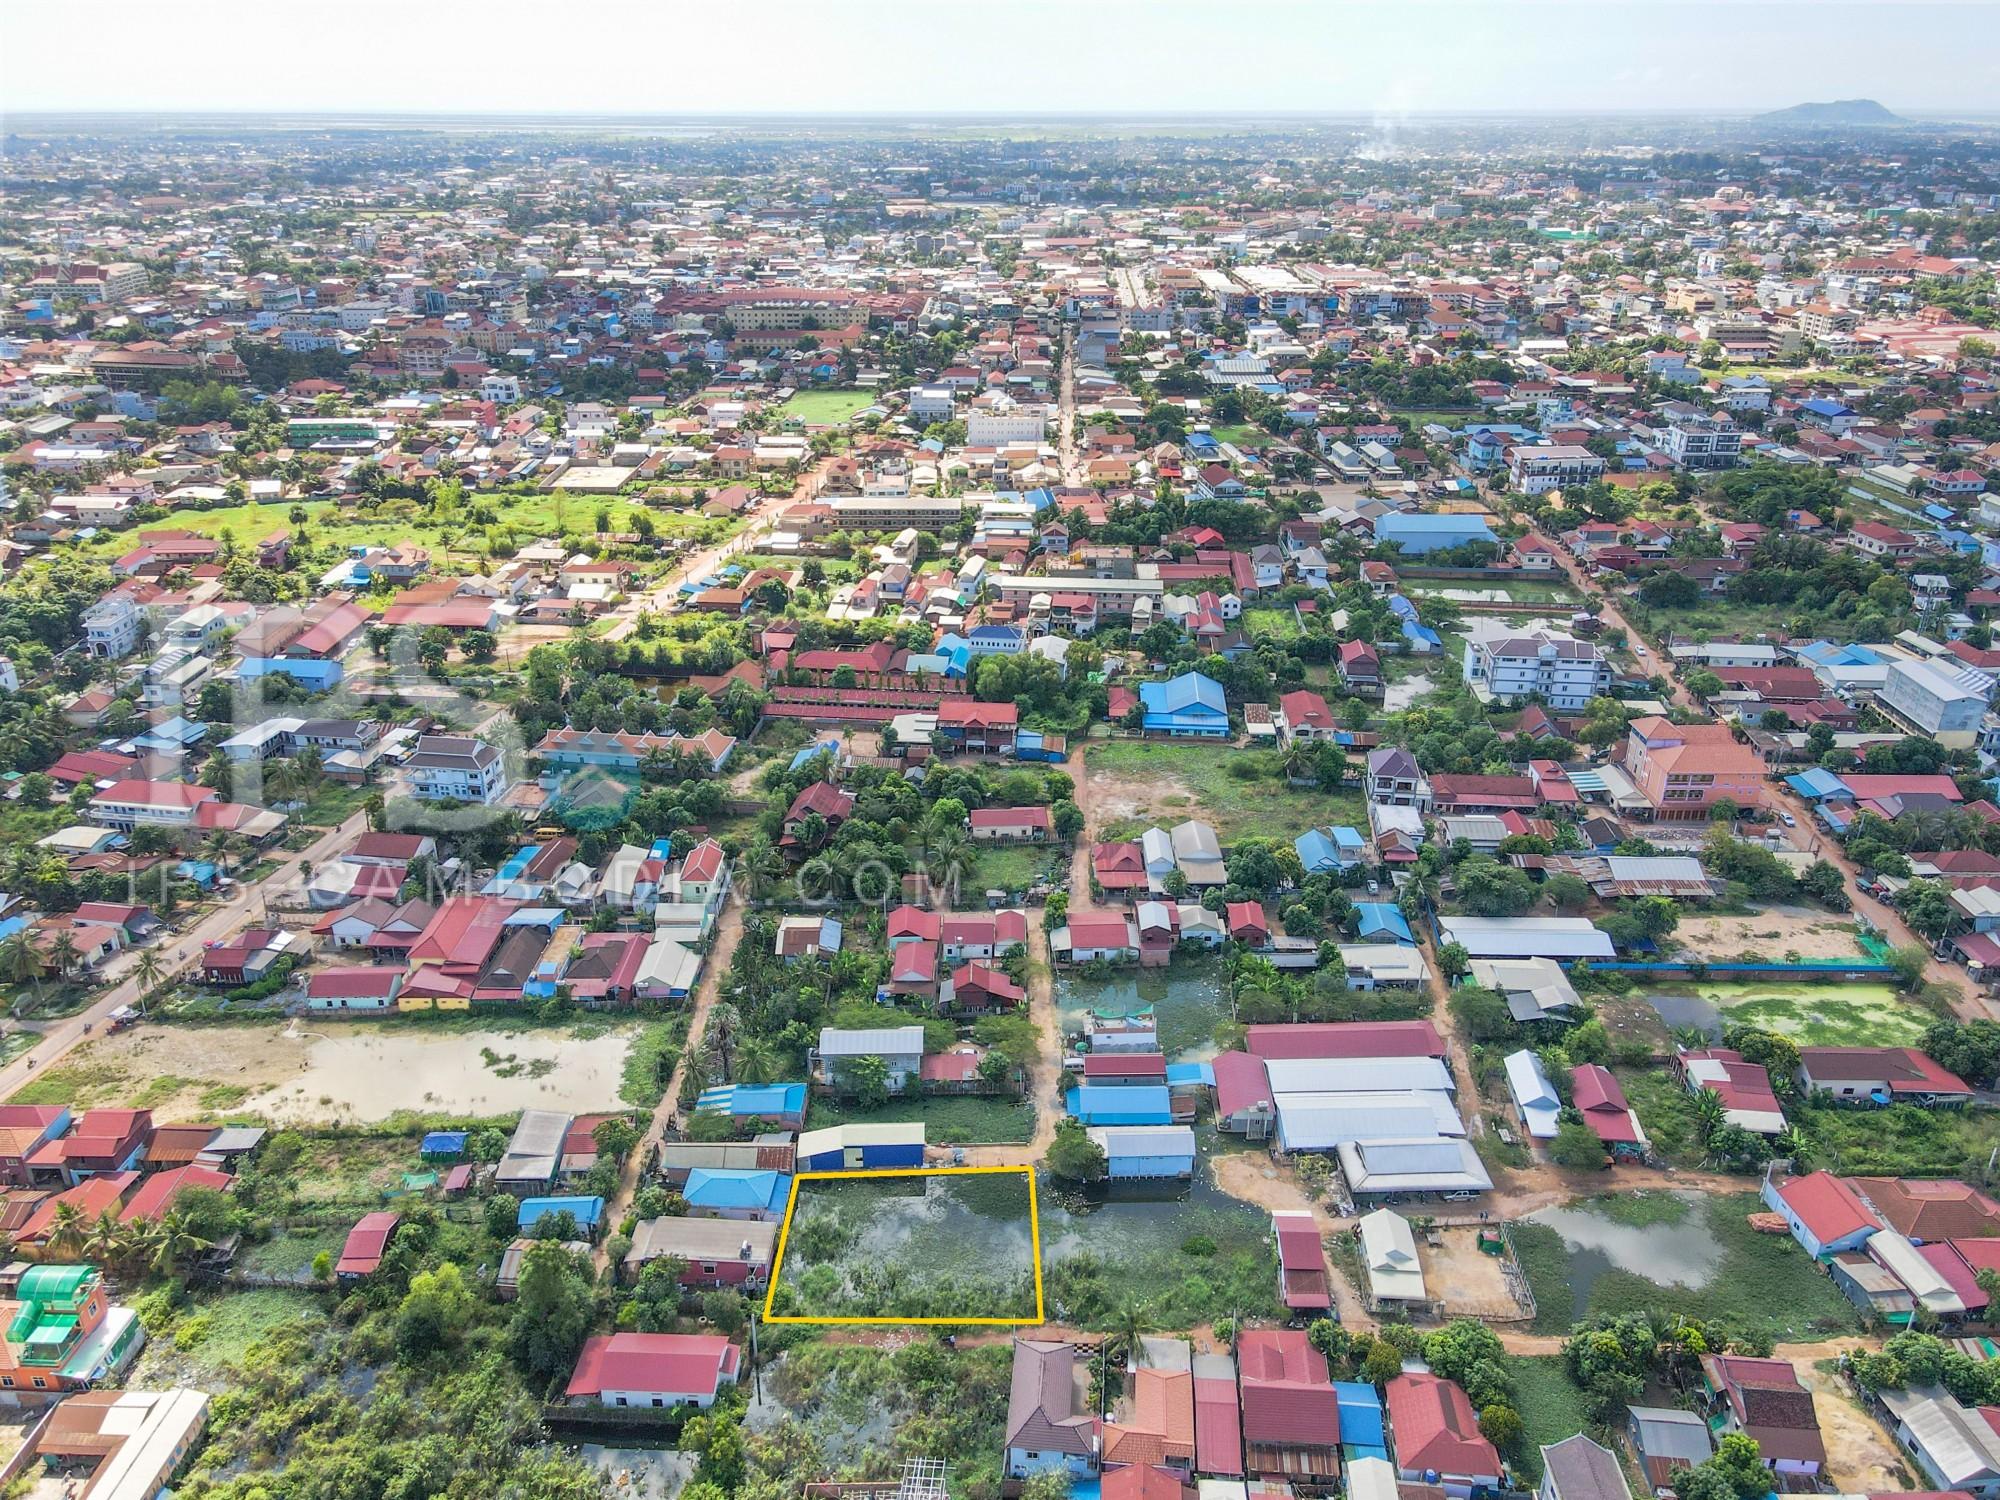 791 Sqm Land For Sale - Slor Kram, Siem Reap